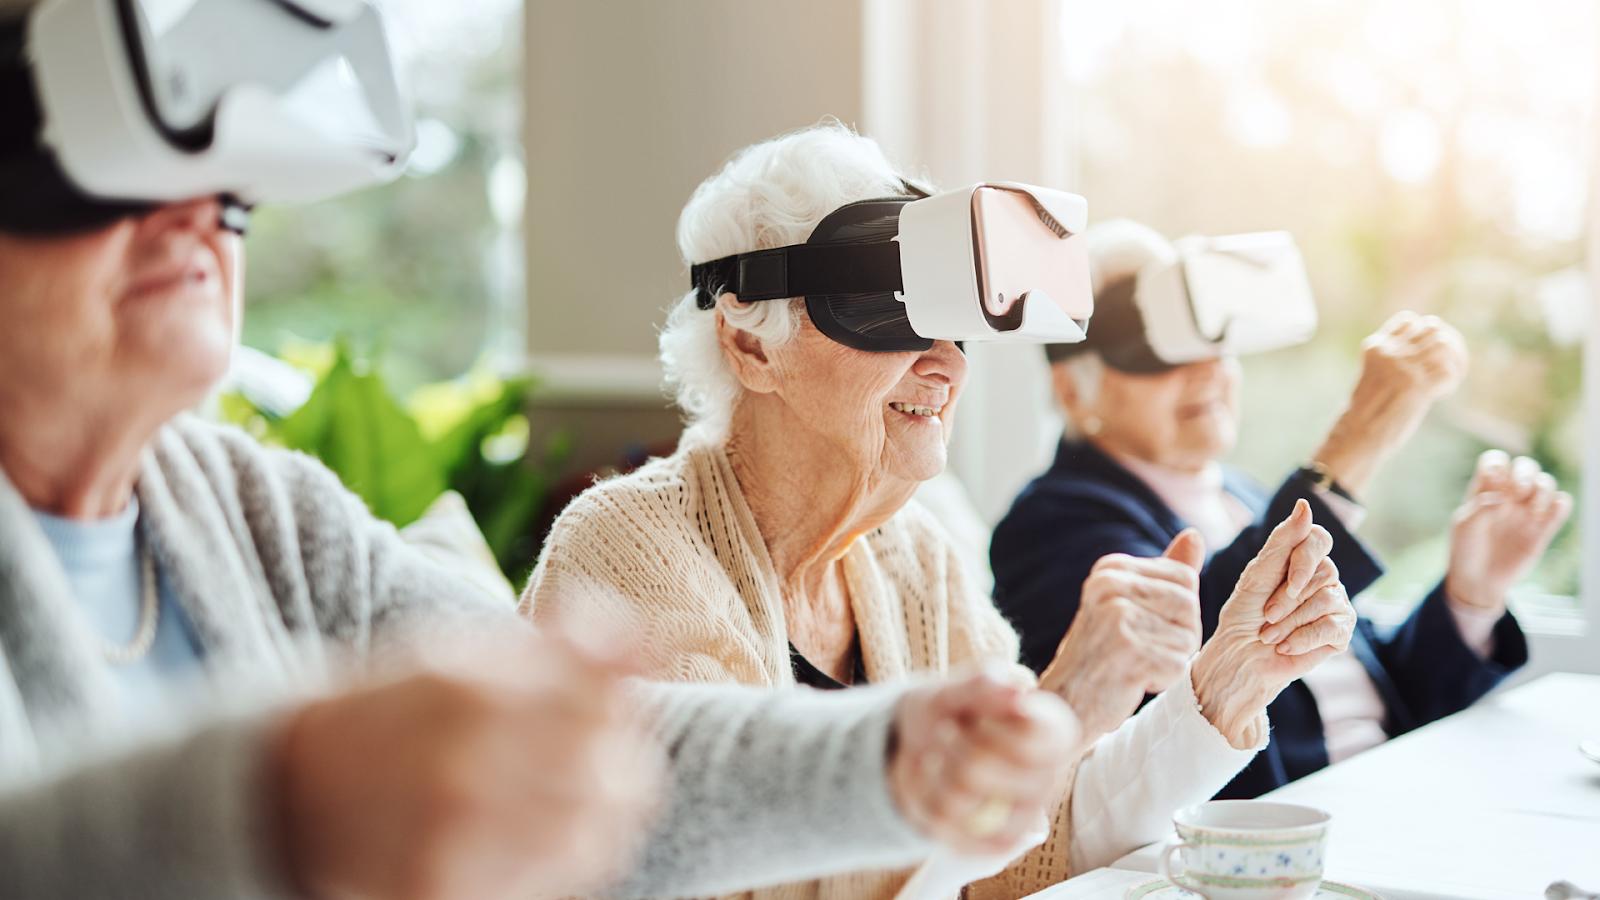 Из песочницы VR-нейроинтерфейс для людей с Альцгеймером